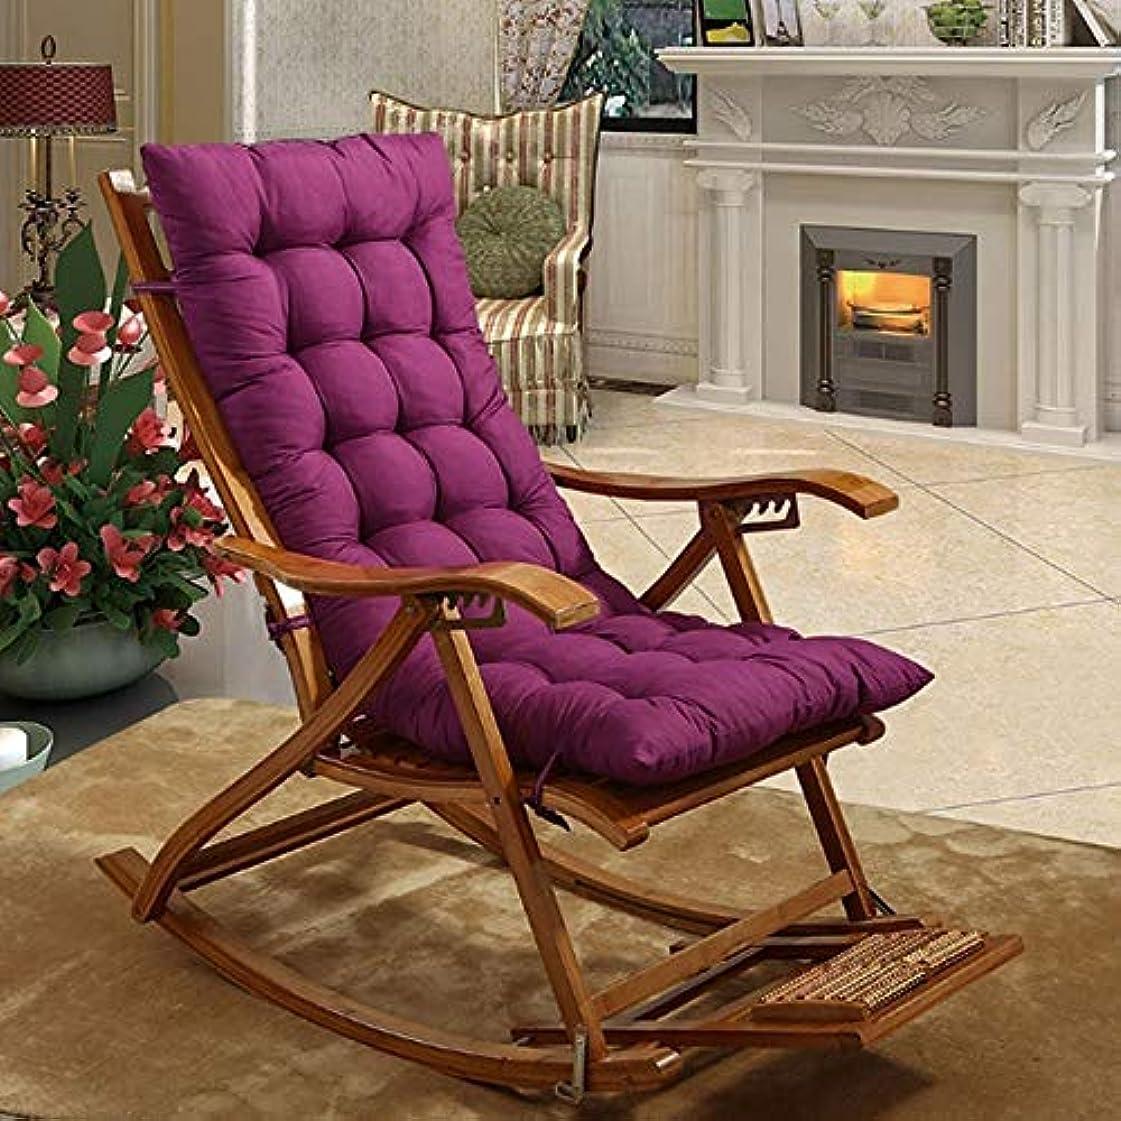 優先権徒歩で枯渇LIFE 48 × 120 センチメートルベンチソファクッション装飾高品質ポリエステル繊維ジャー椅子のクッション暖かい快適な畳マットパッド クッション 椅子